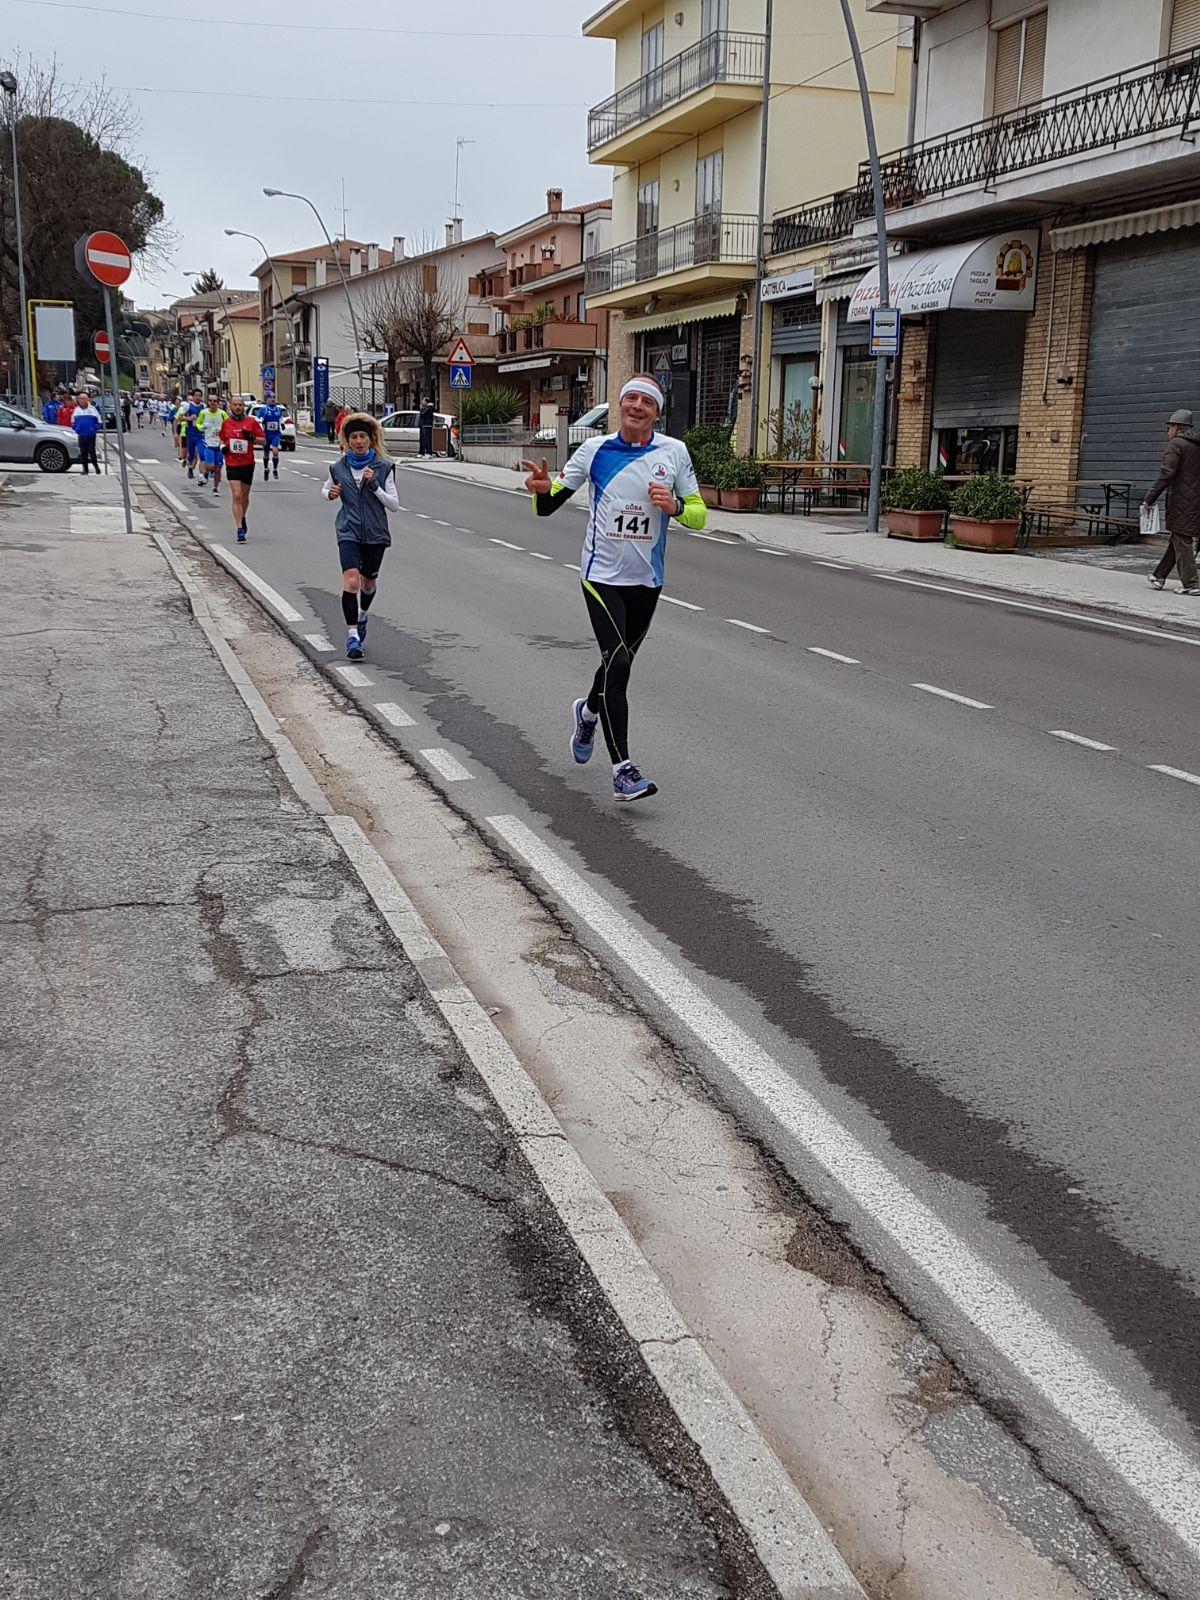 Corridonia  2018-03-18 at 13.49.36